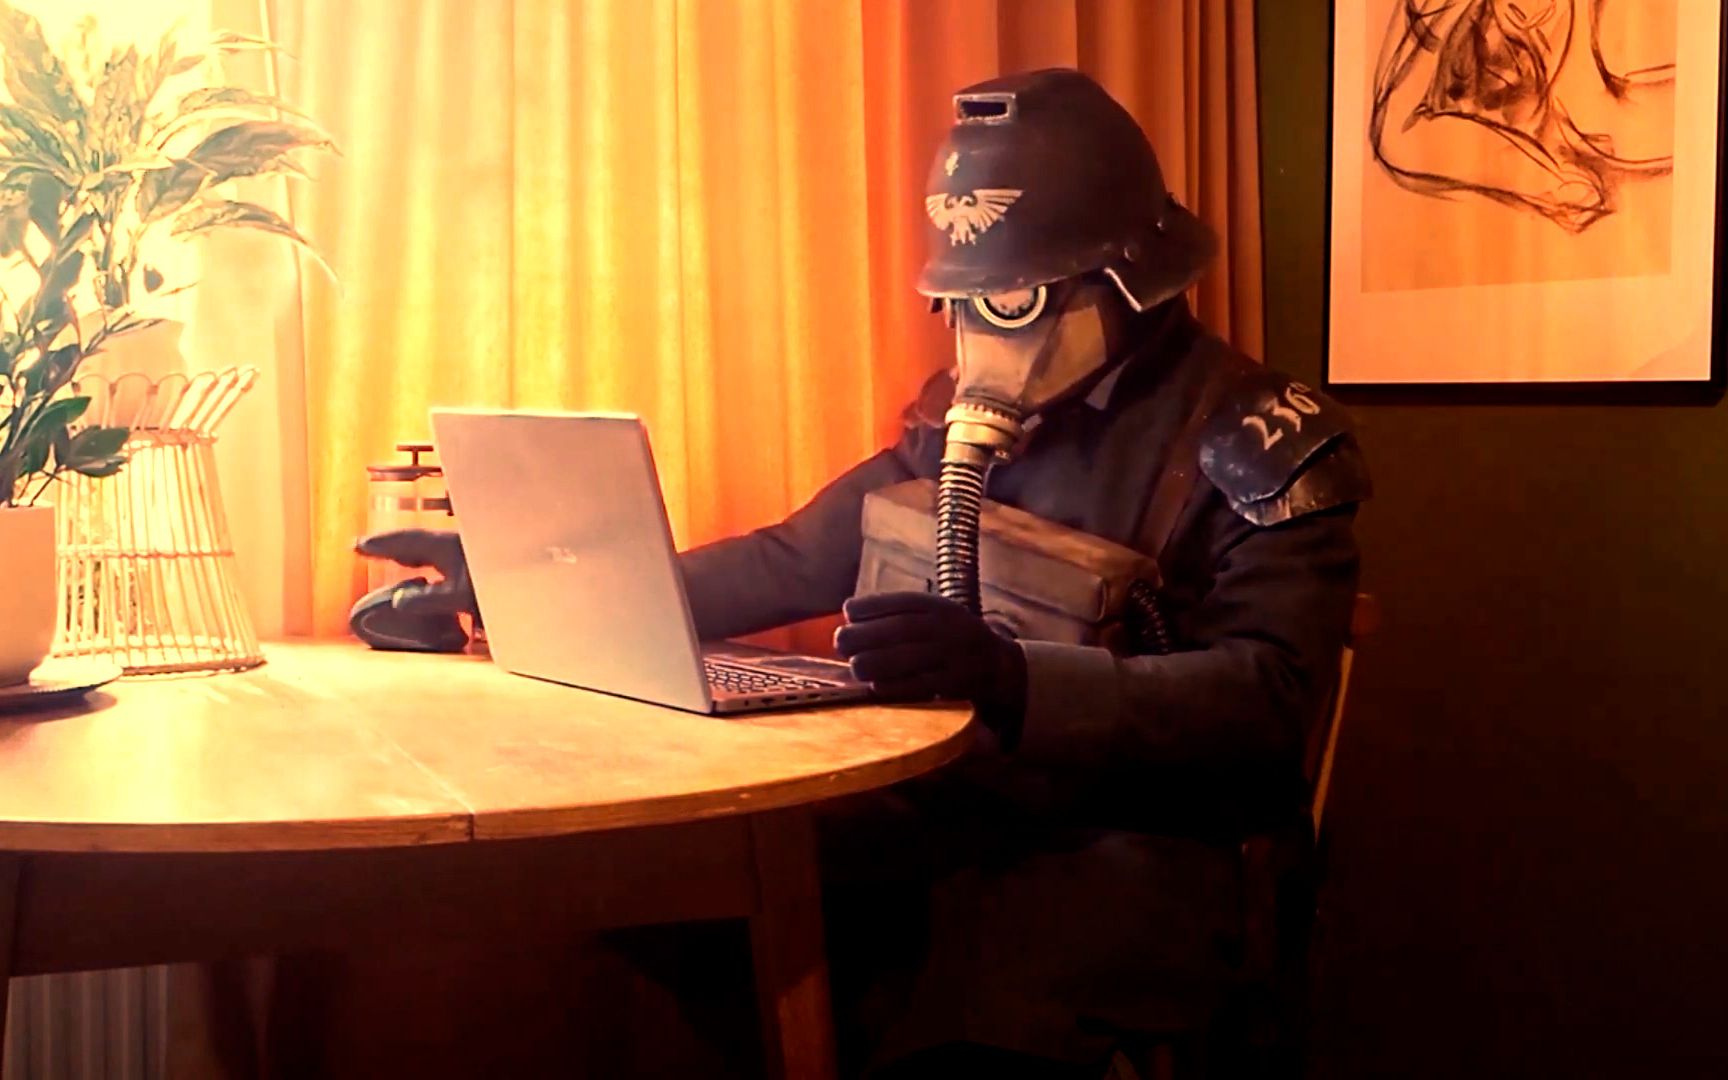 克里格大战星神碎片,之后还给帝皇发了个电子邮件